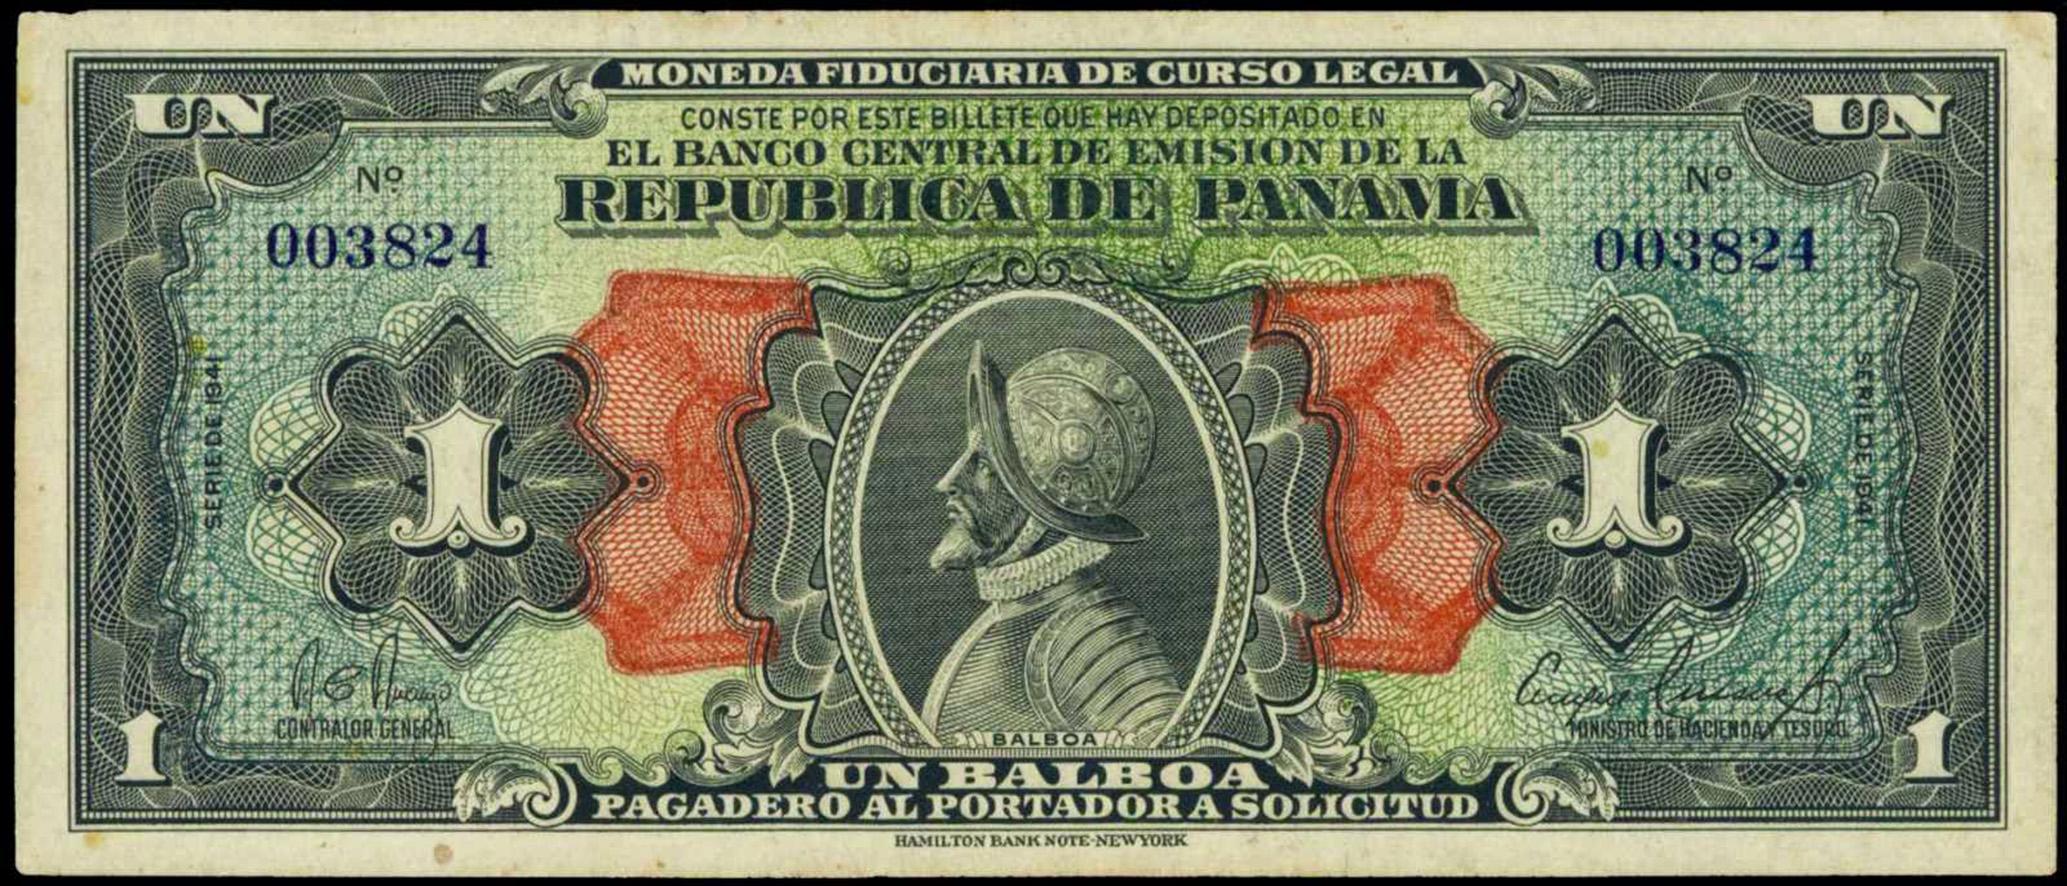 Banconota da 1 Balboa, 1941 (recto) © Banco Central de Panama / Hamilton Bank-note